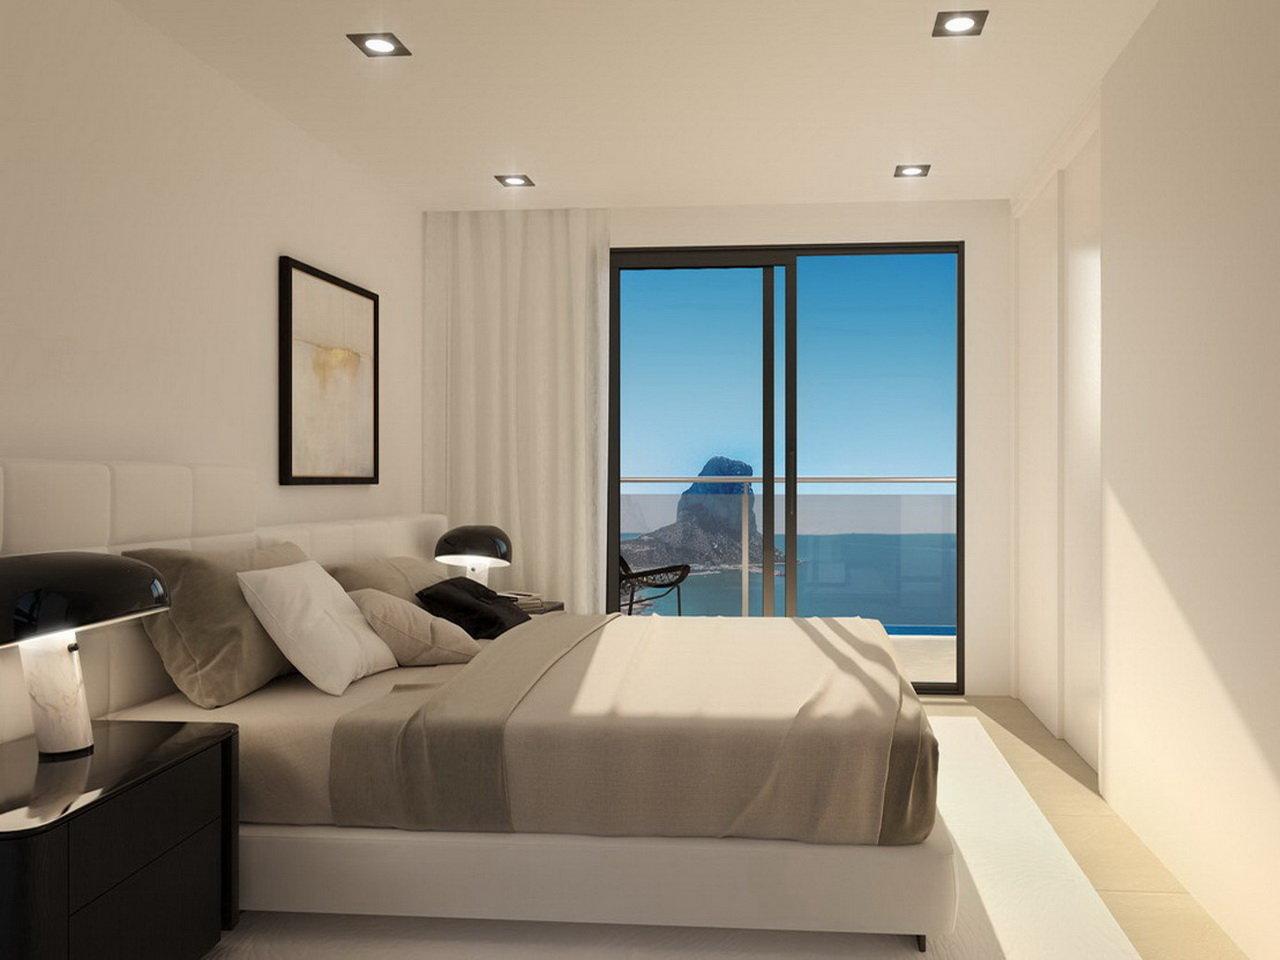 Appartements de luxe avec une vue incroyable sur la mer